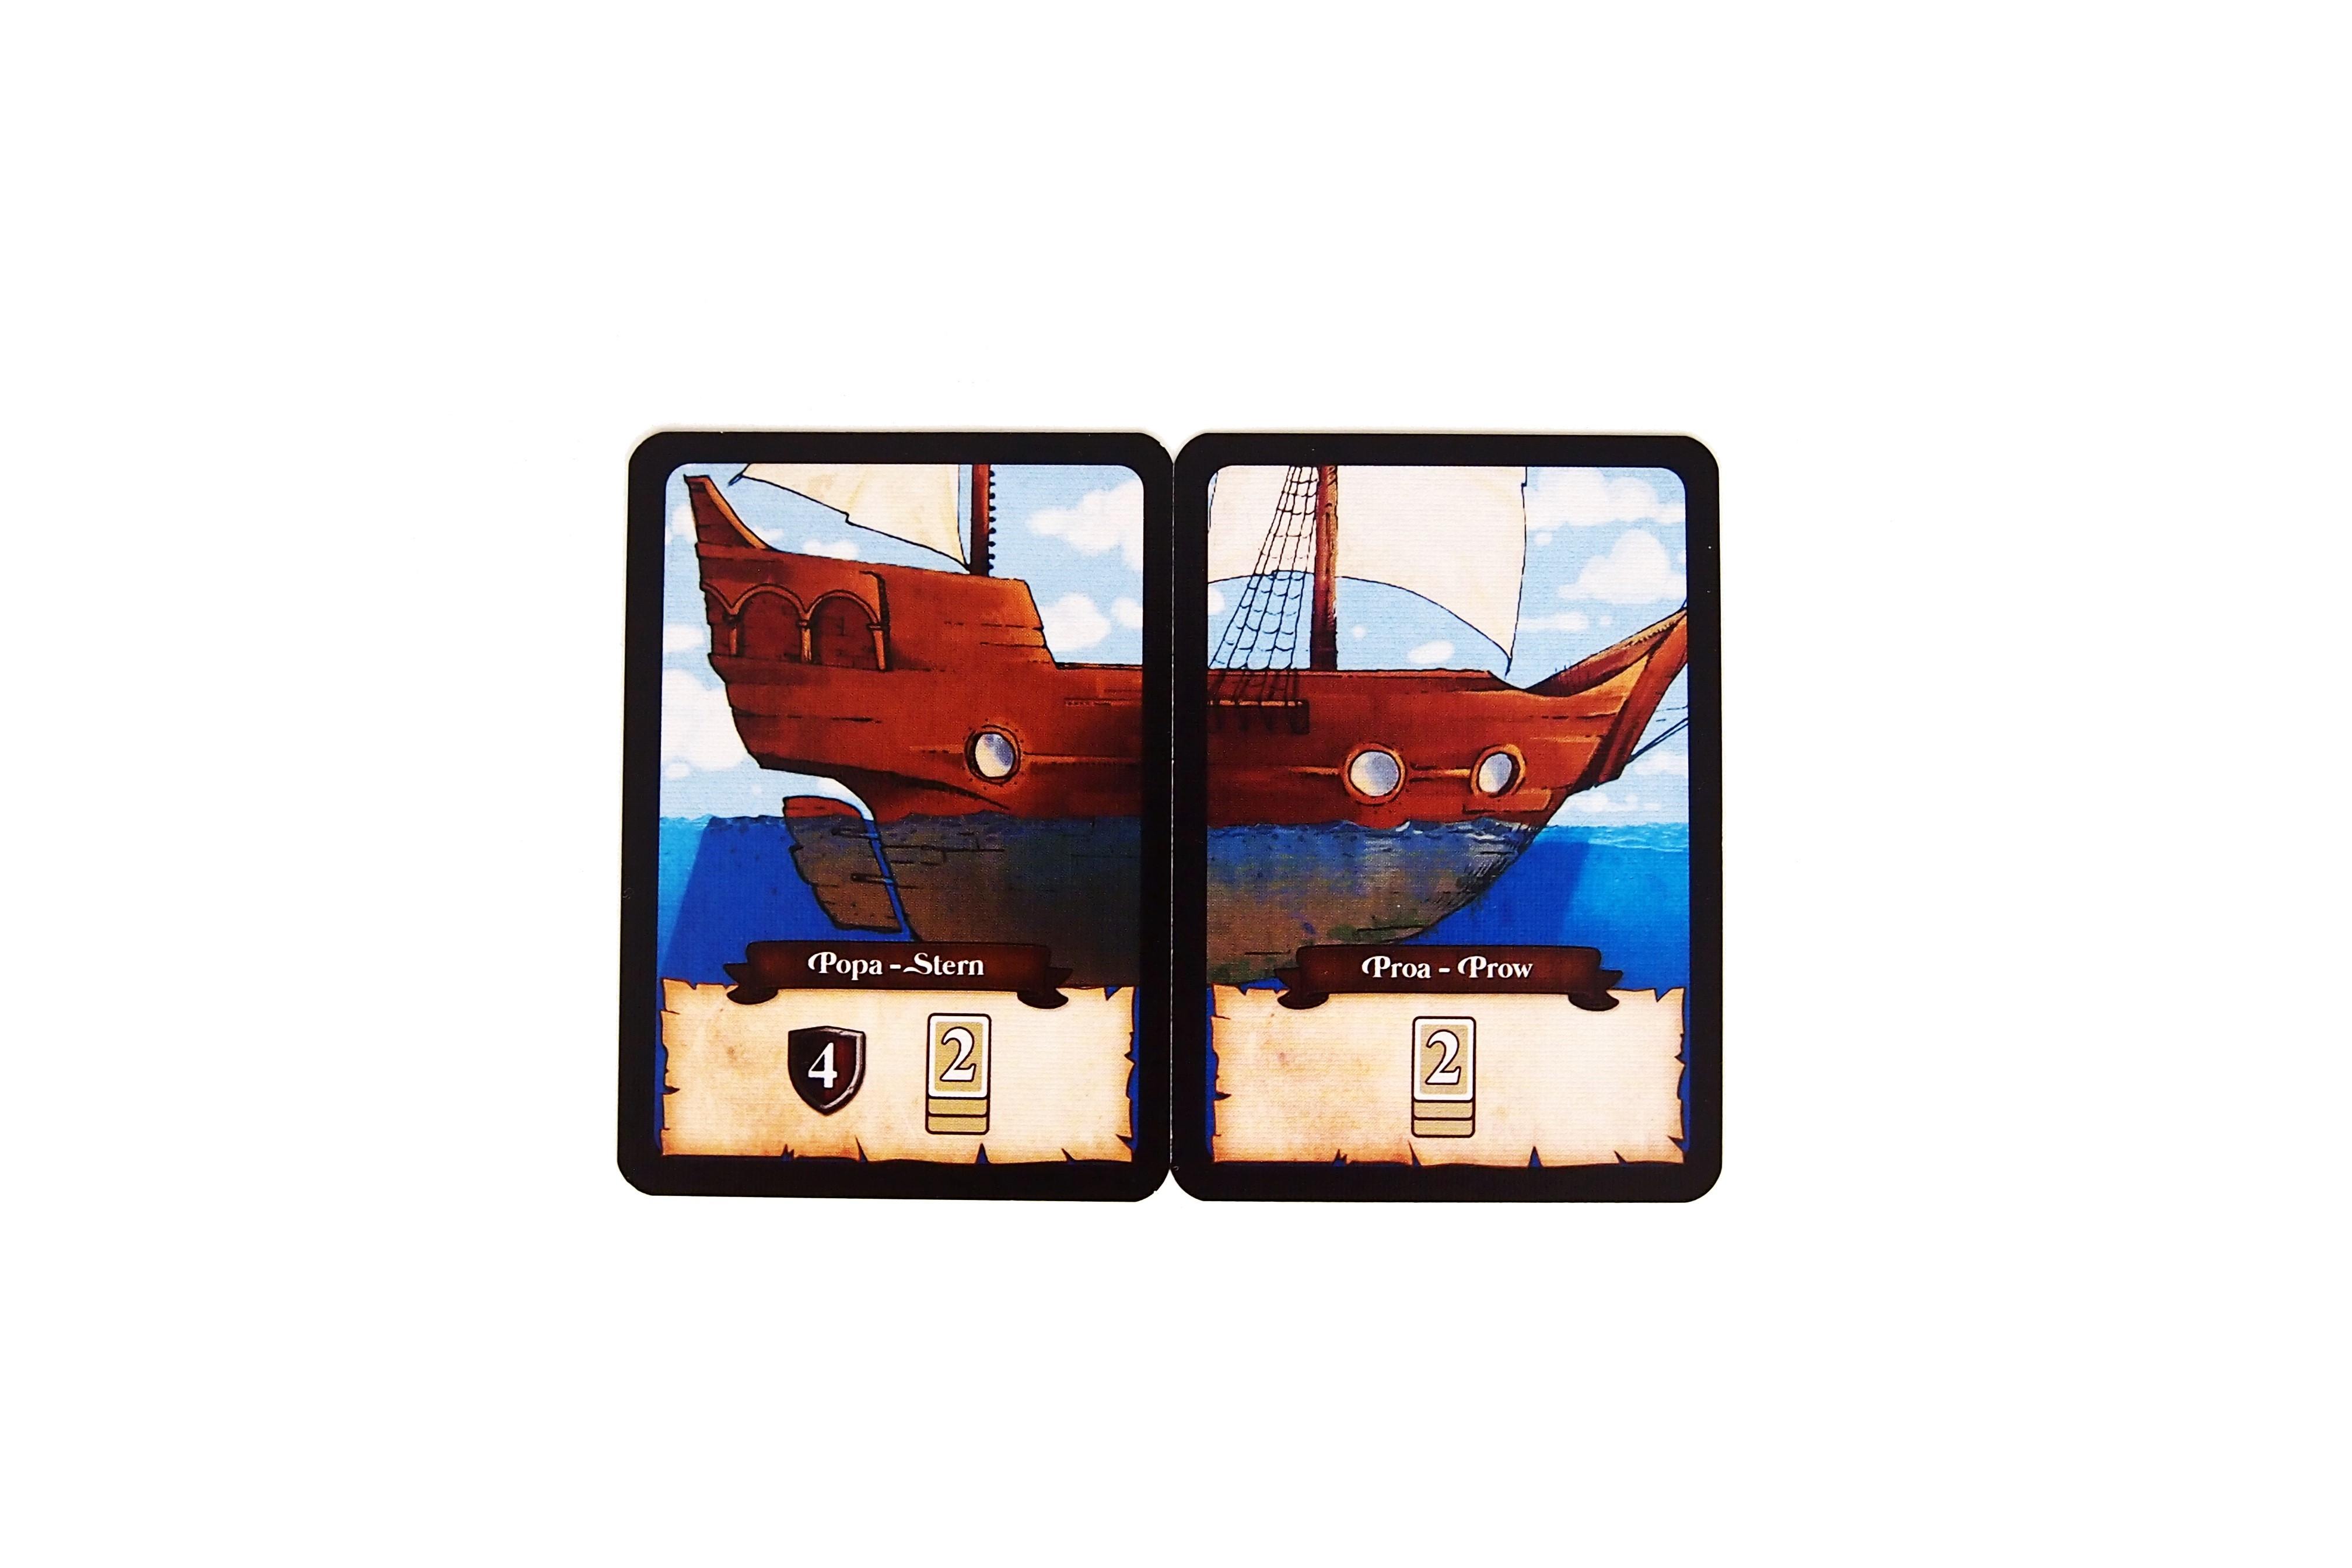 Cada jugador recibe un barco inicial, compuesto por proa y popa.